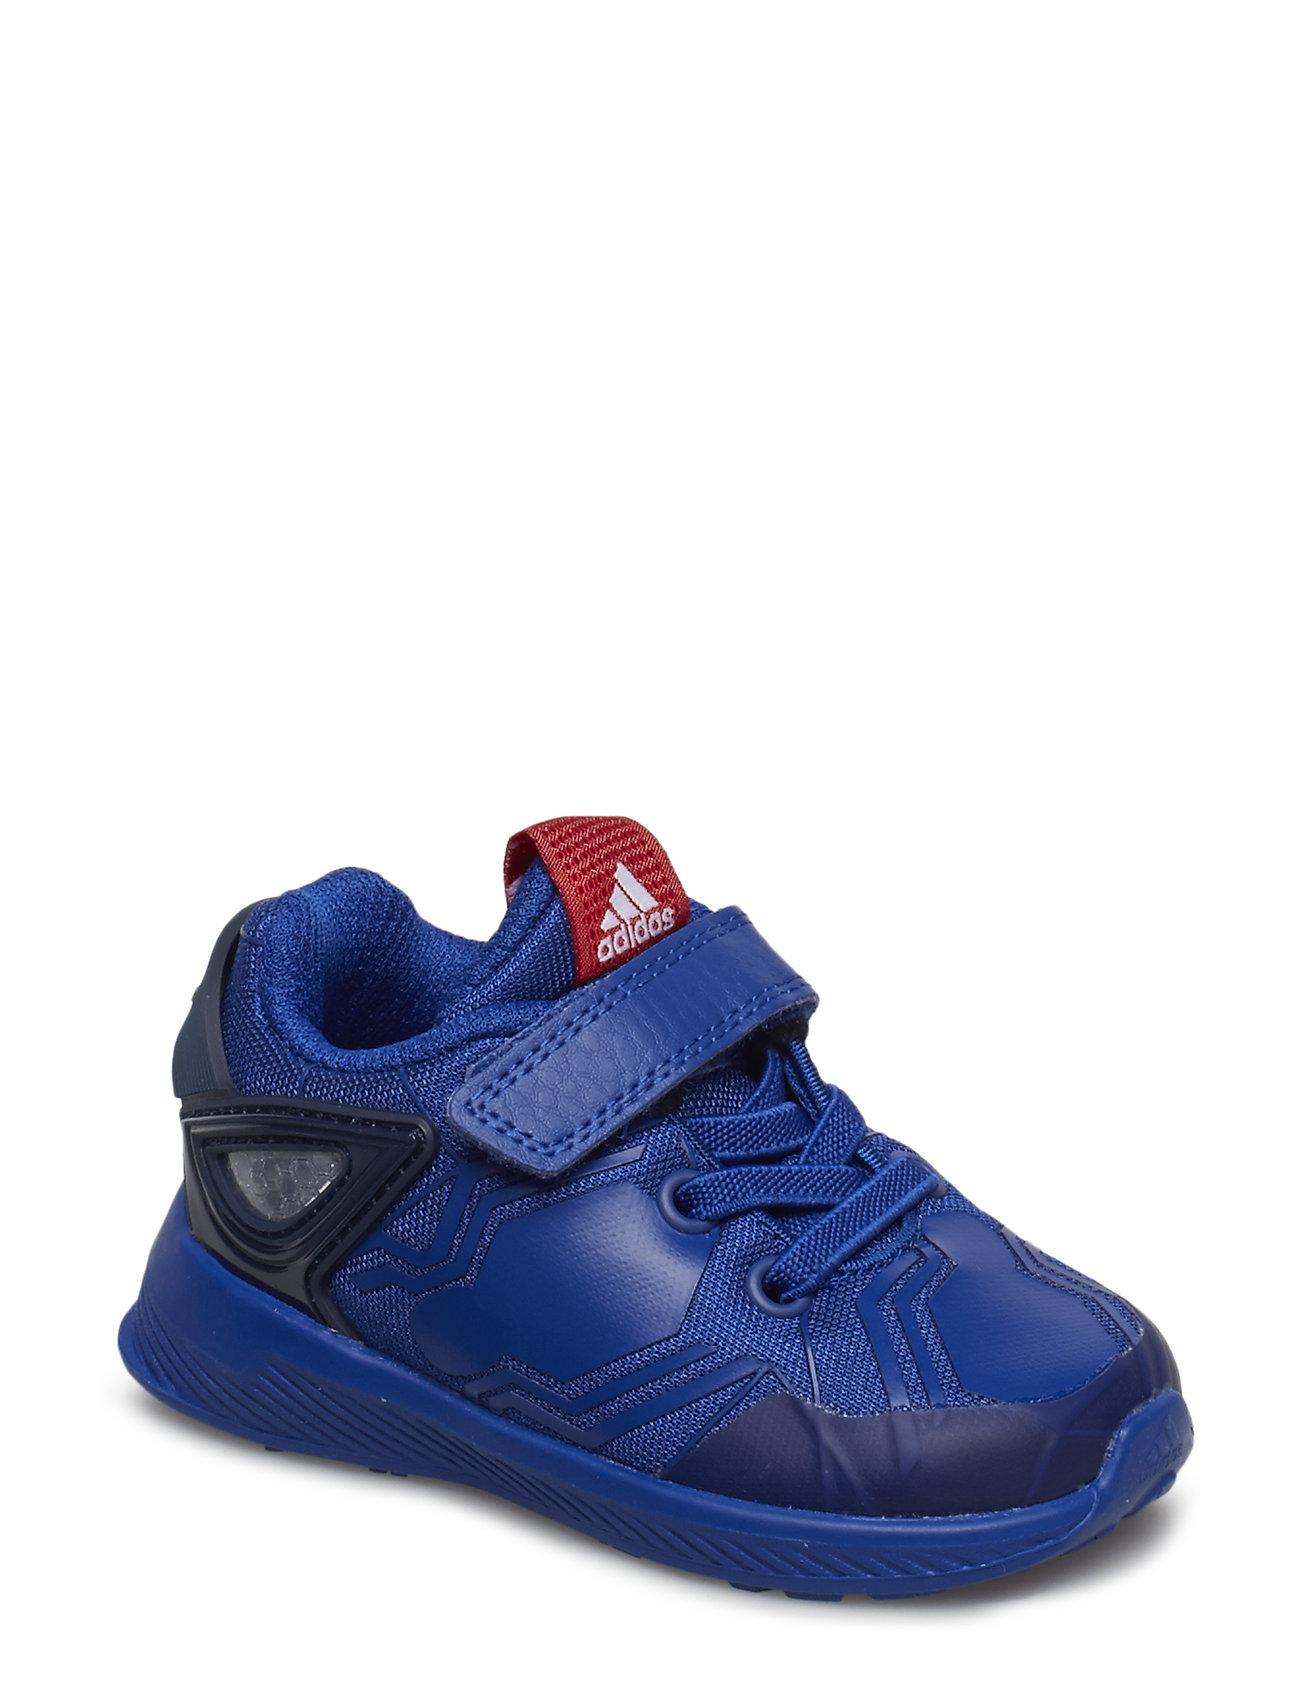 adidas Performance RapidaRun Spider-Man EL I - CROYAL/SCARLE/CONAVY